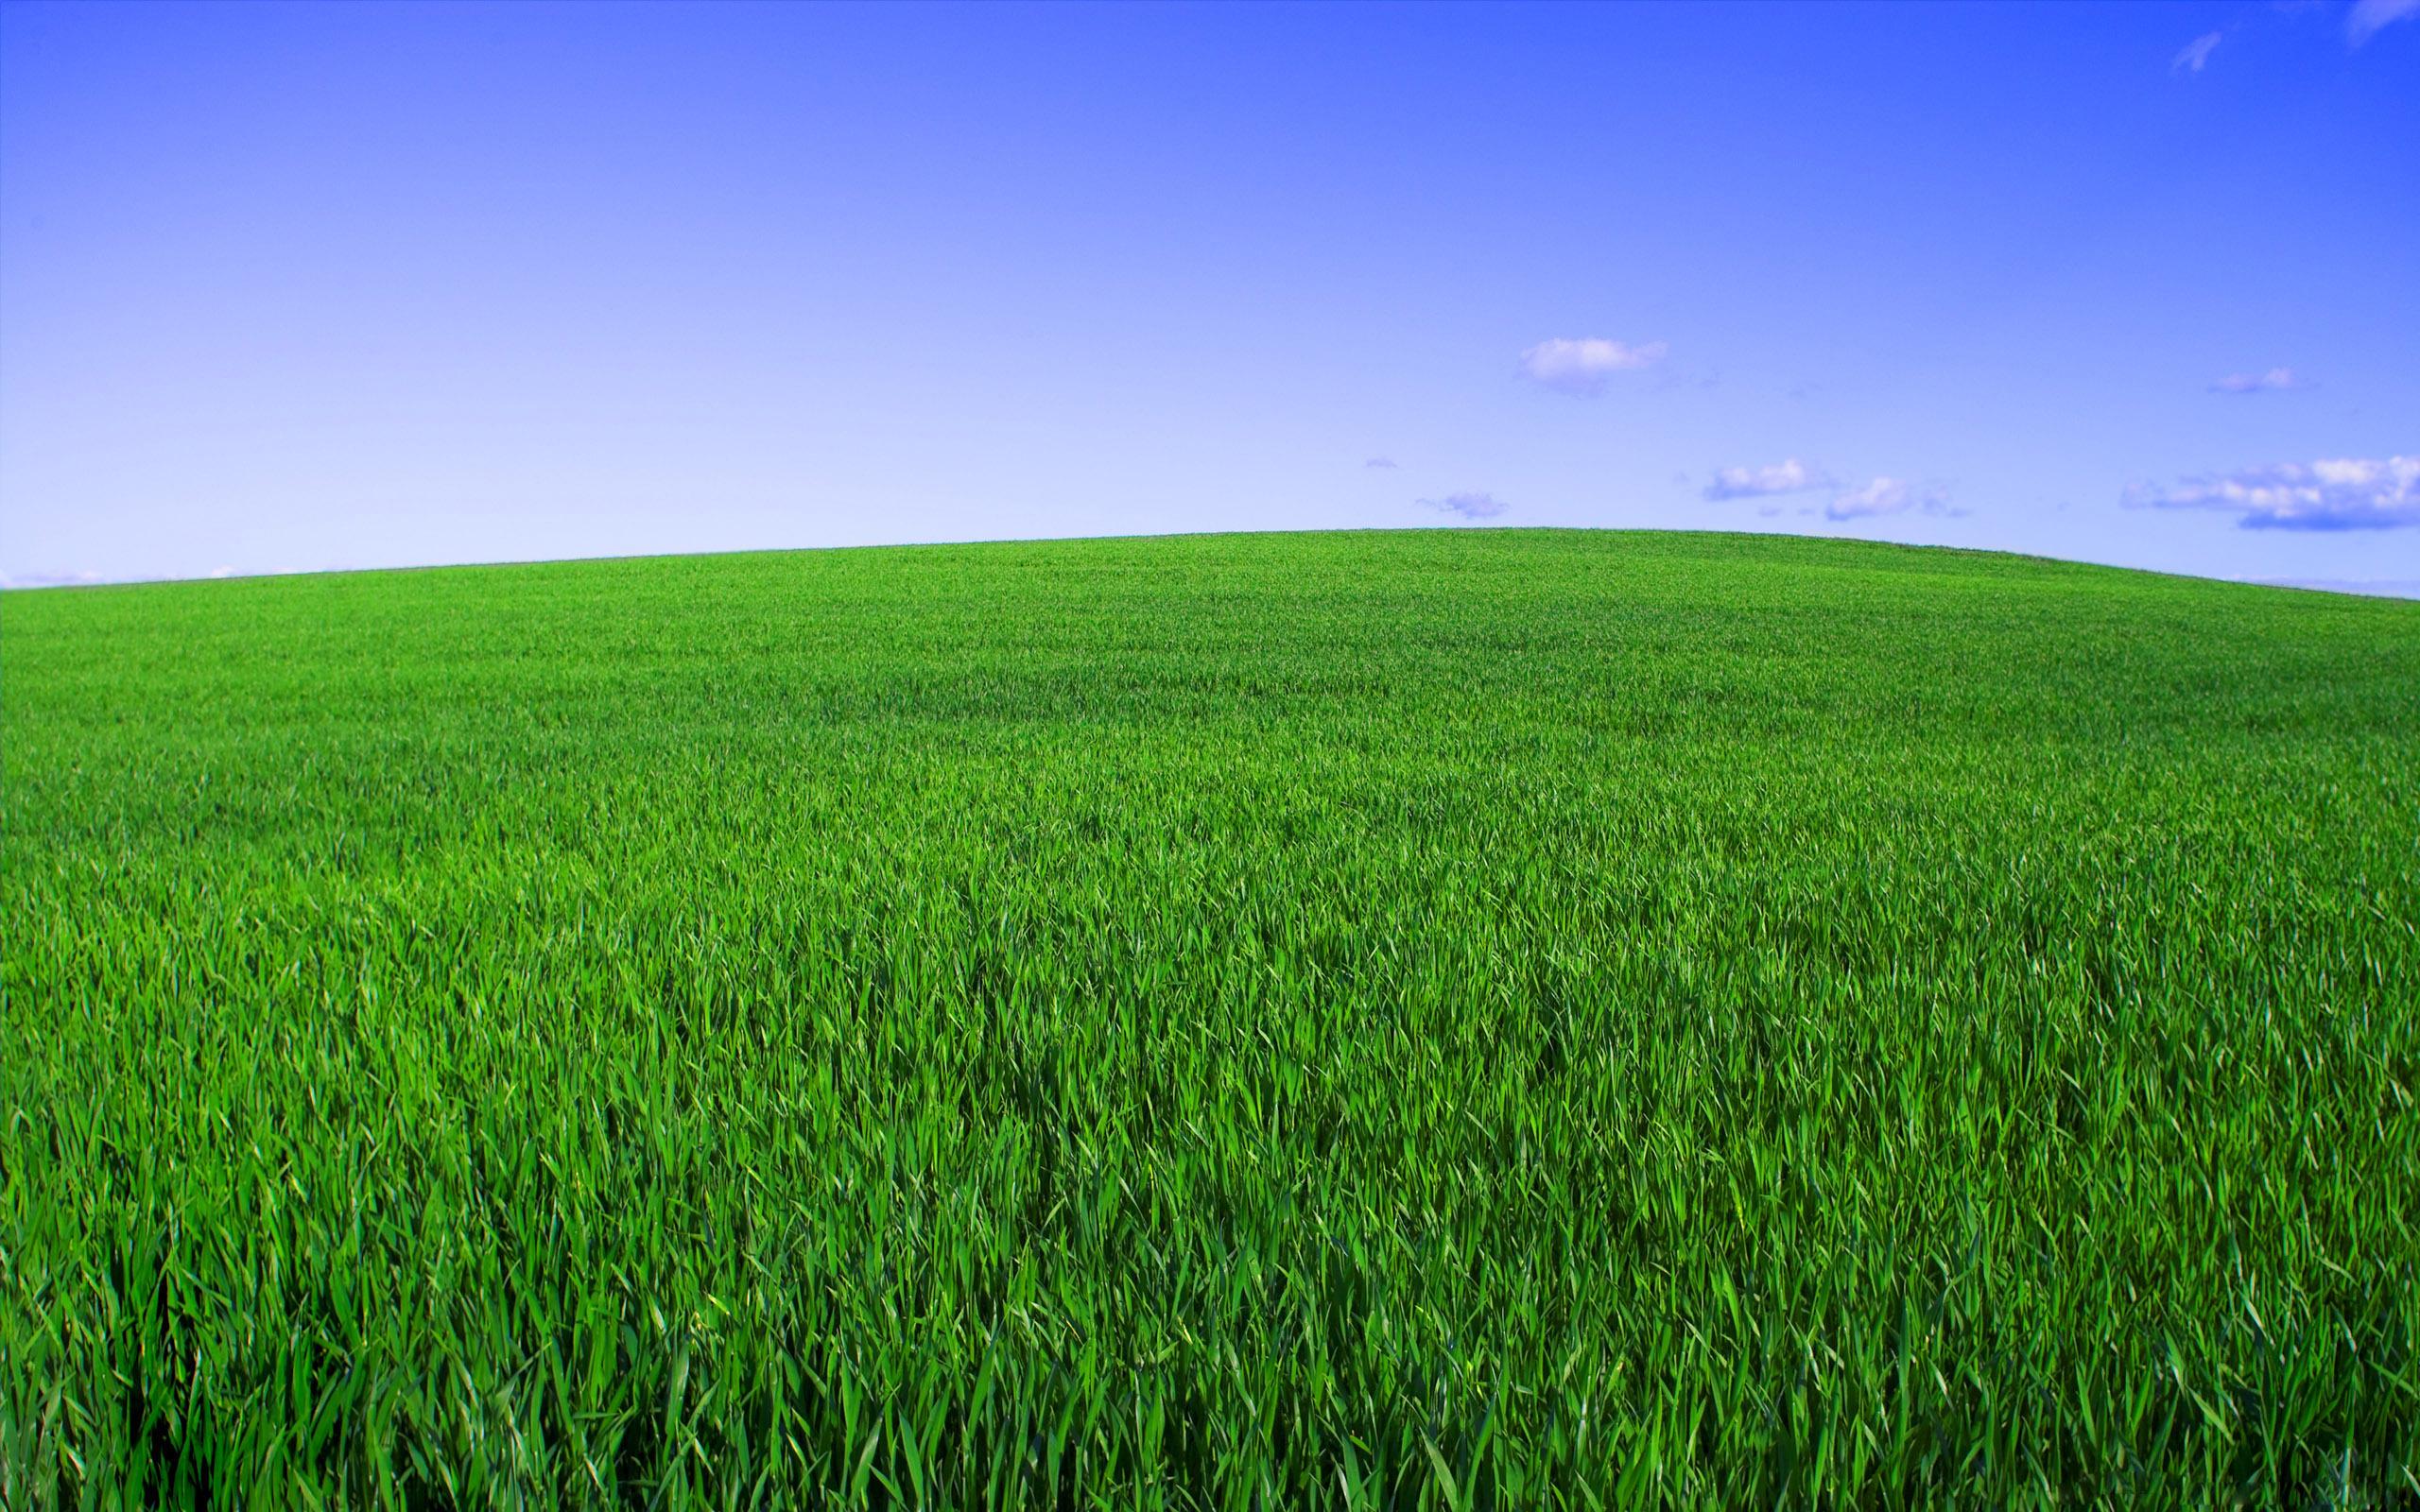 the field 今低-今高 今开盘 昨收盘.